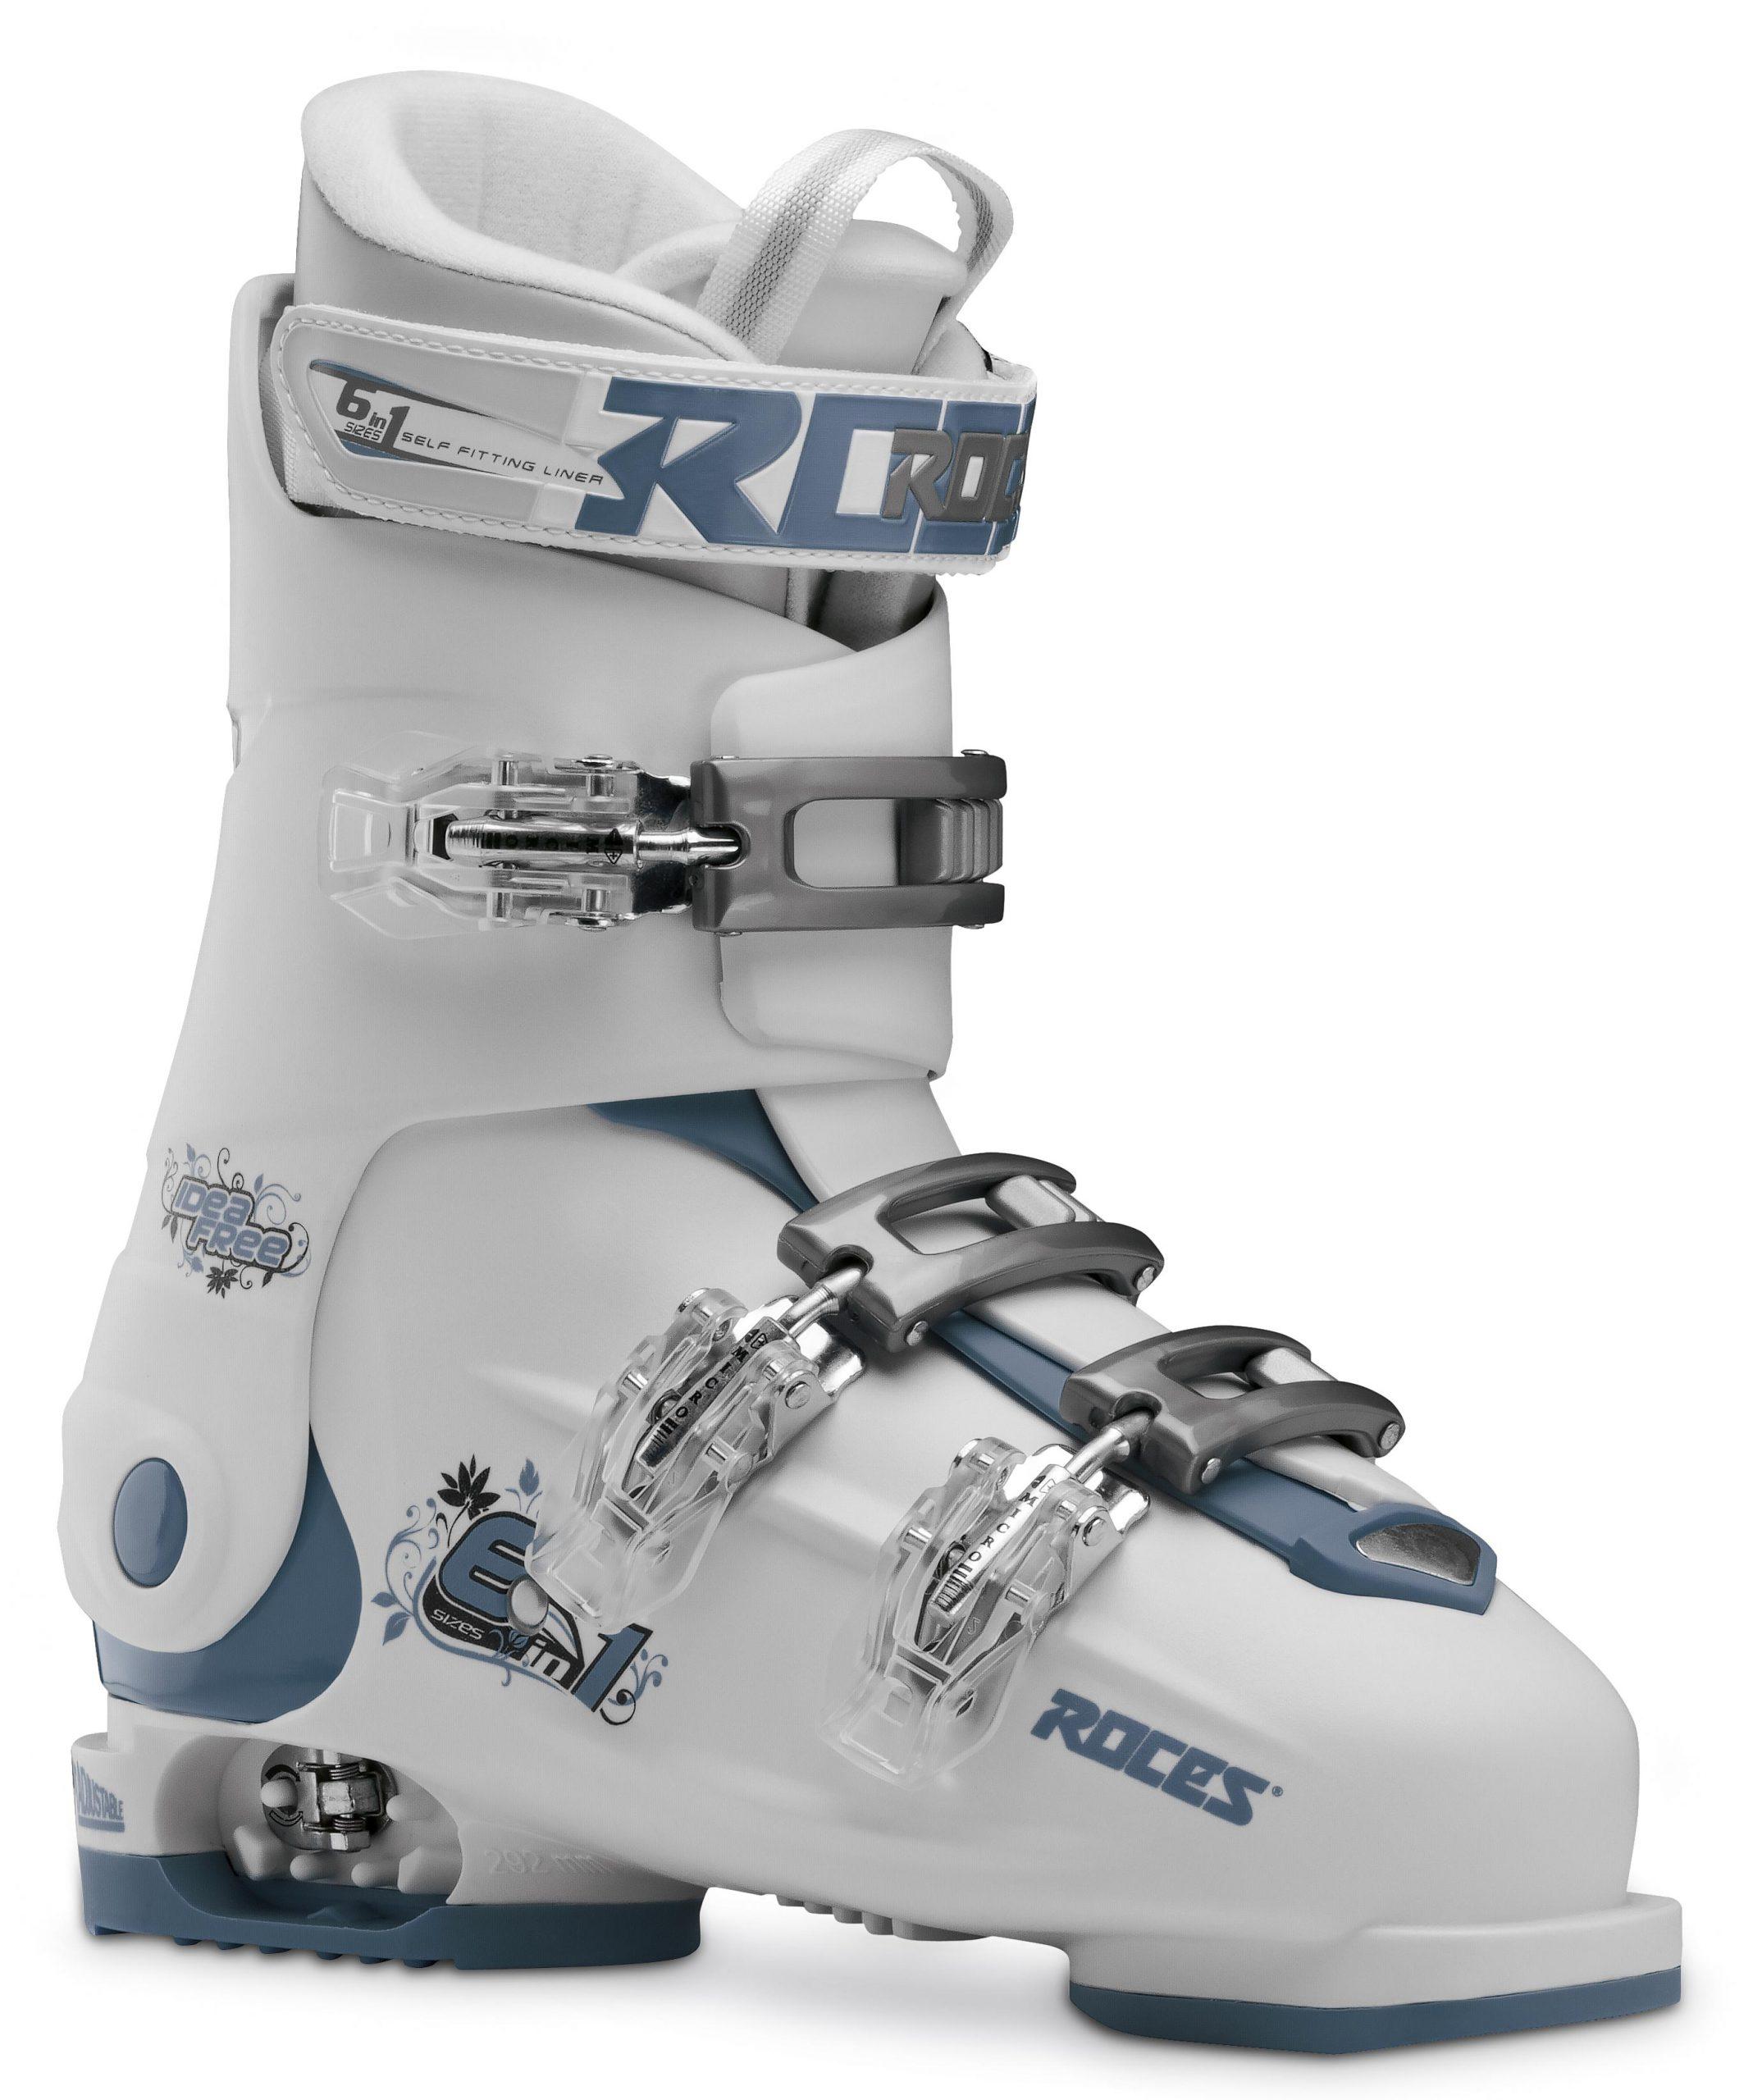 Roces Idea Free White Teal 36-40